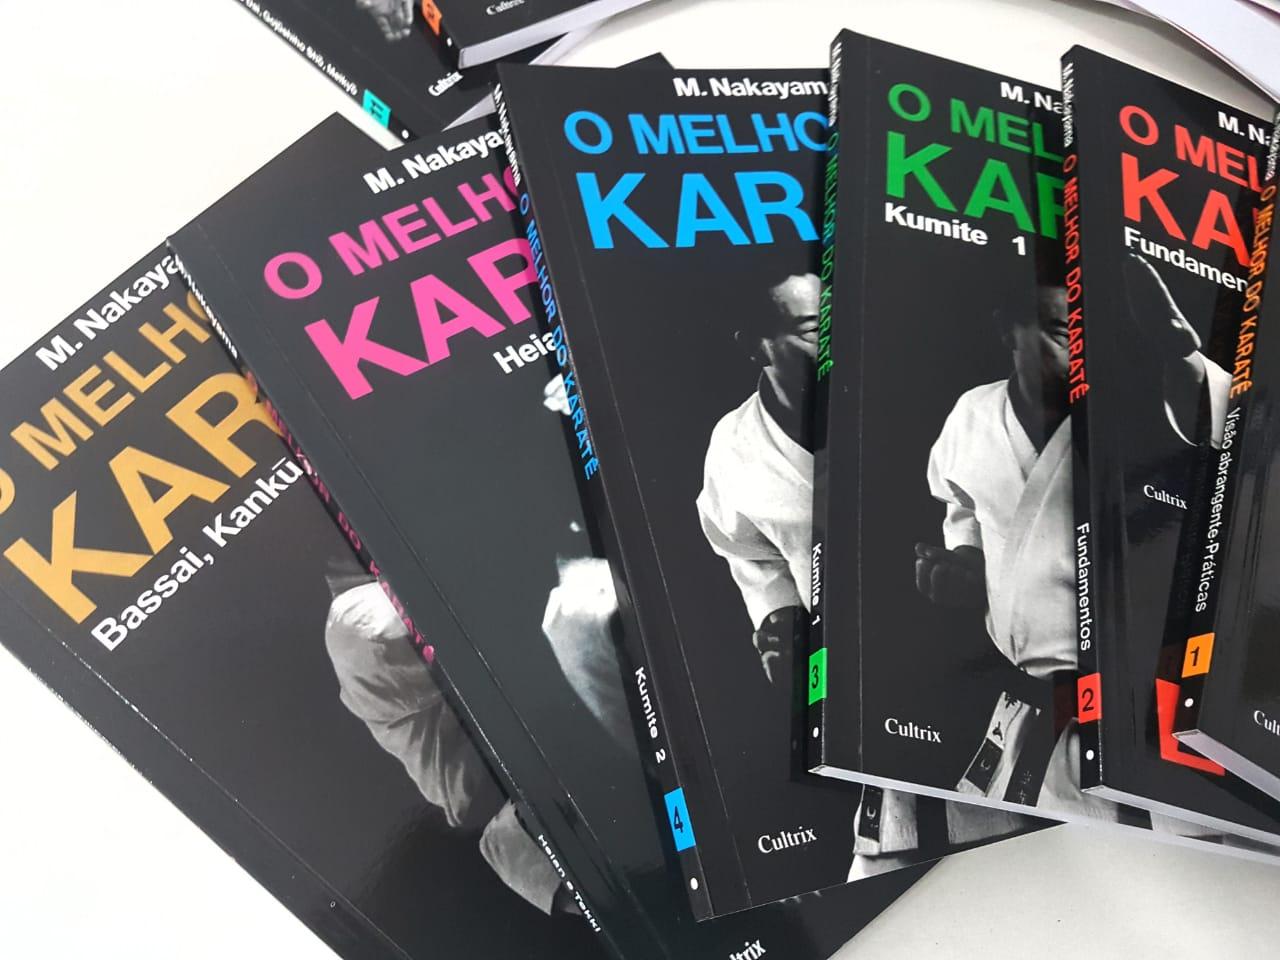 Coleção com 11 Livros Da Série Melhor Do Karatê (O) + 1 Livro Karate Dinamico M Nakayama +Brinde chaveiro faixa preta